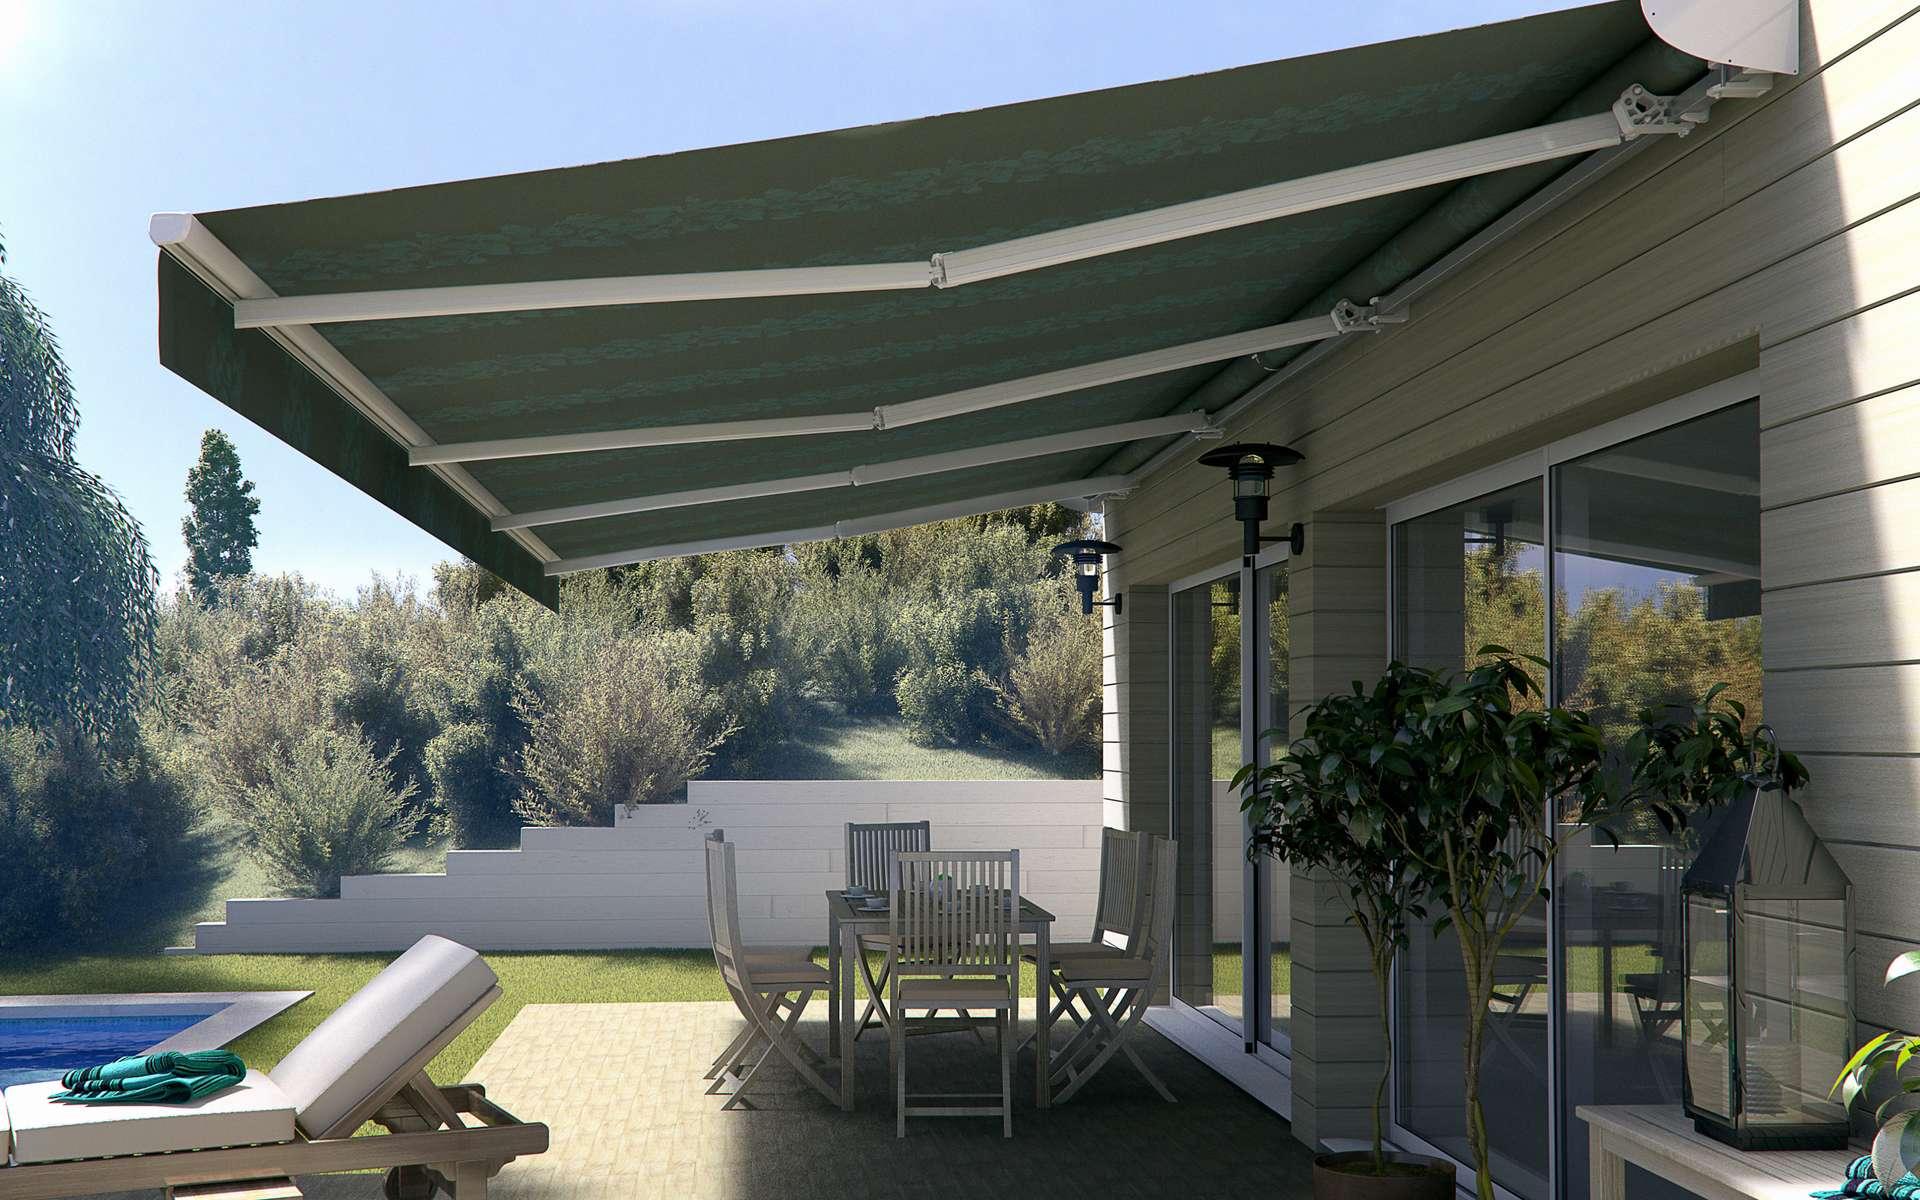 Pour profiter pleinement d'une terrasse ou d'un balcon, le store banne est une protection solaire efficace. Sur mesure ou non, les différents modèles proposés par les fabricants répondent à tous les besoins et budget. © Almatic